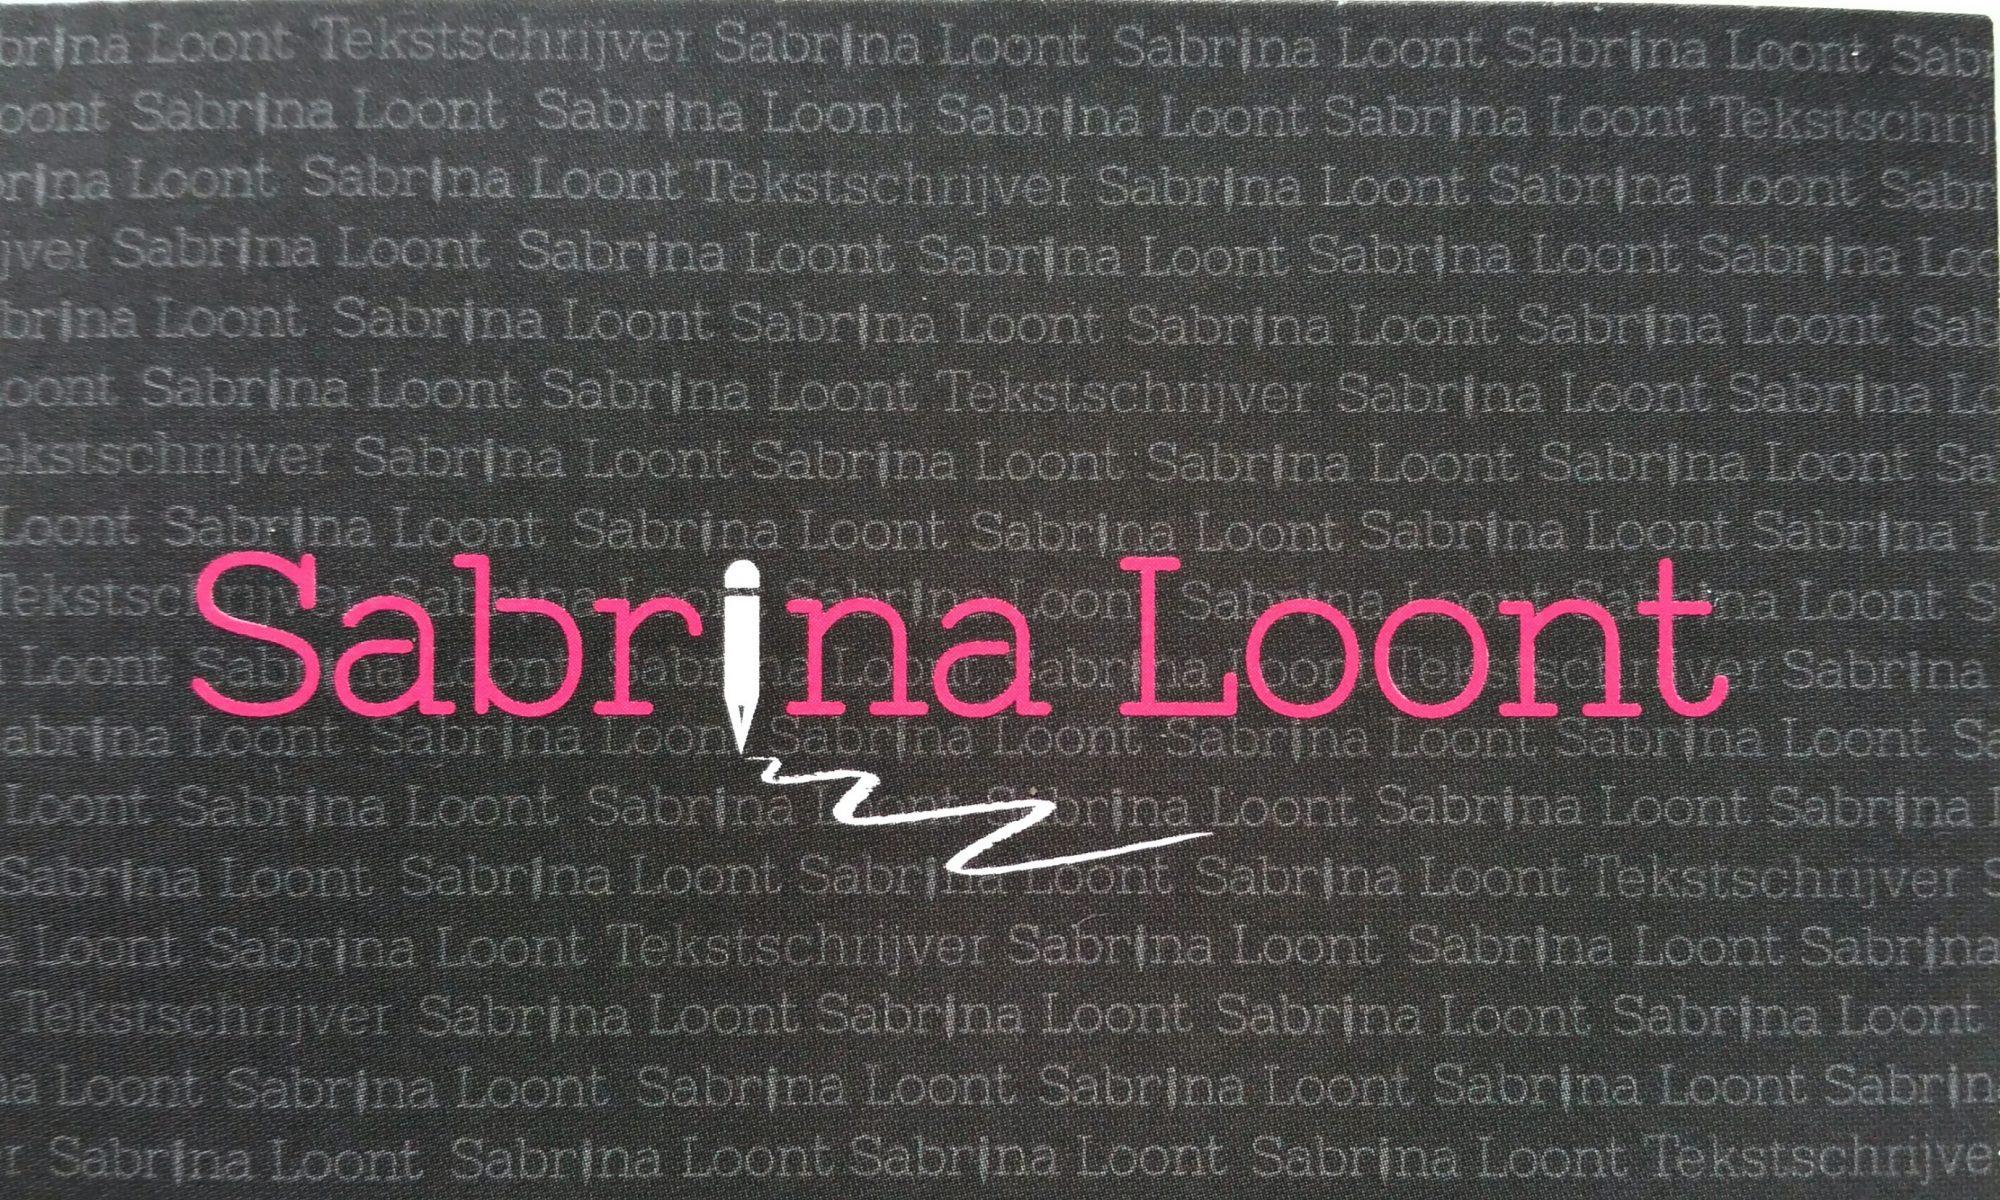 SabrinaLoont